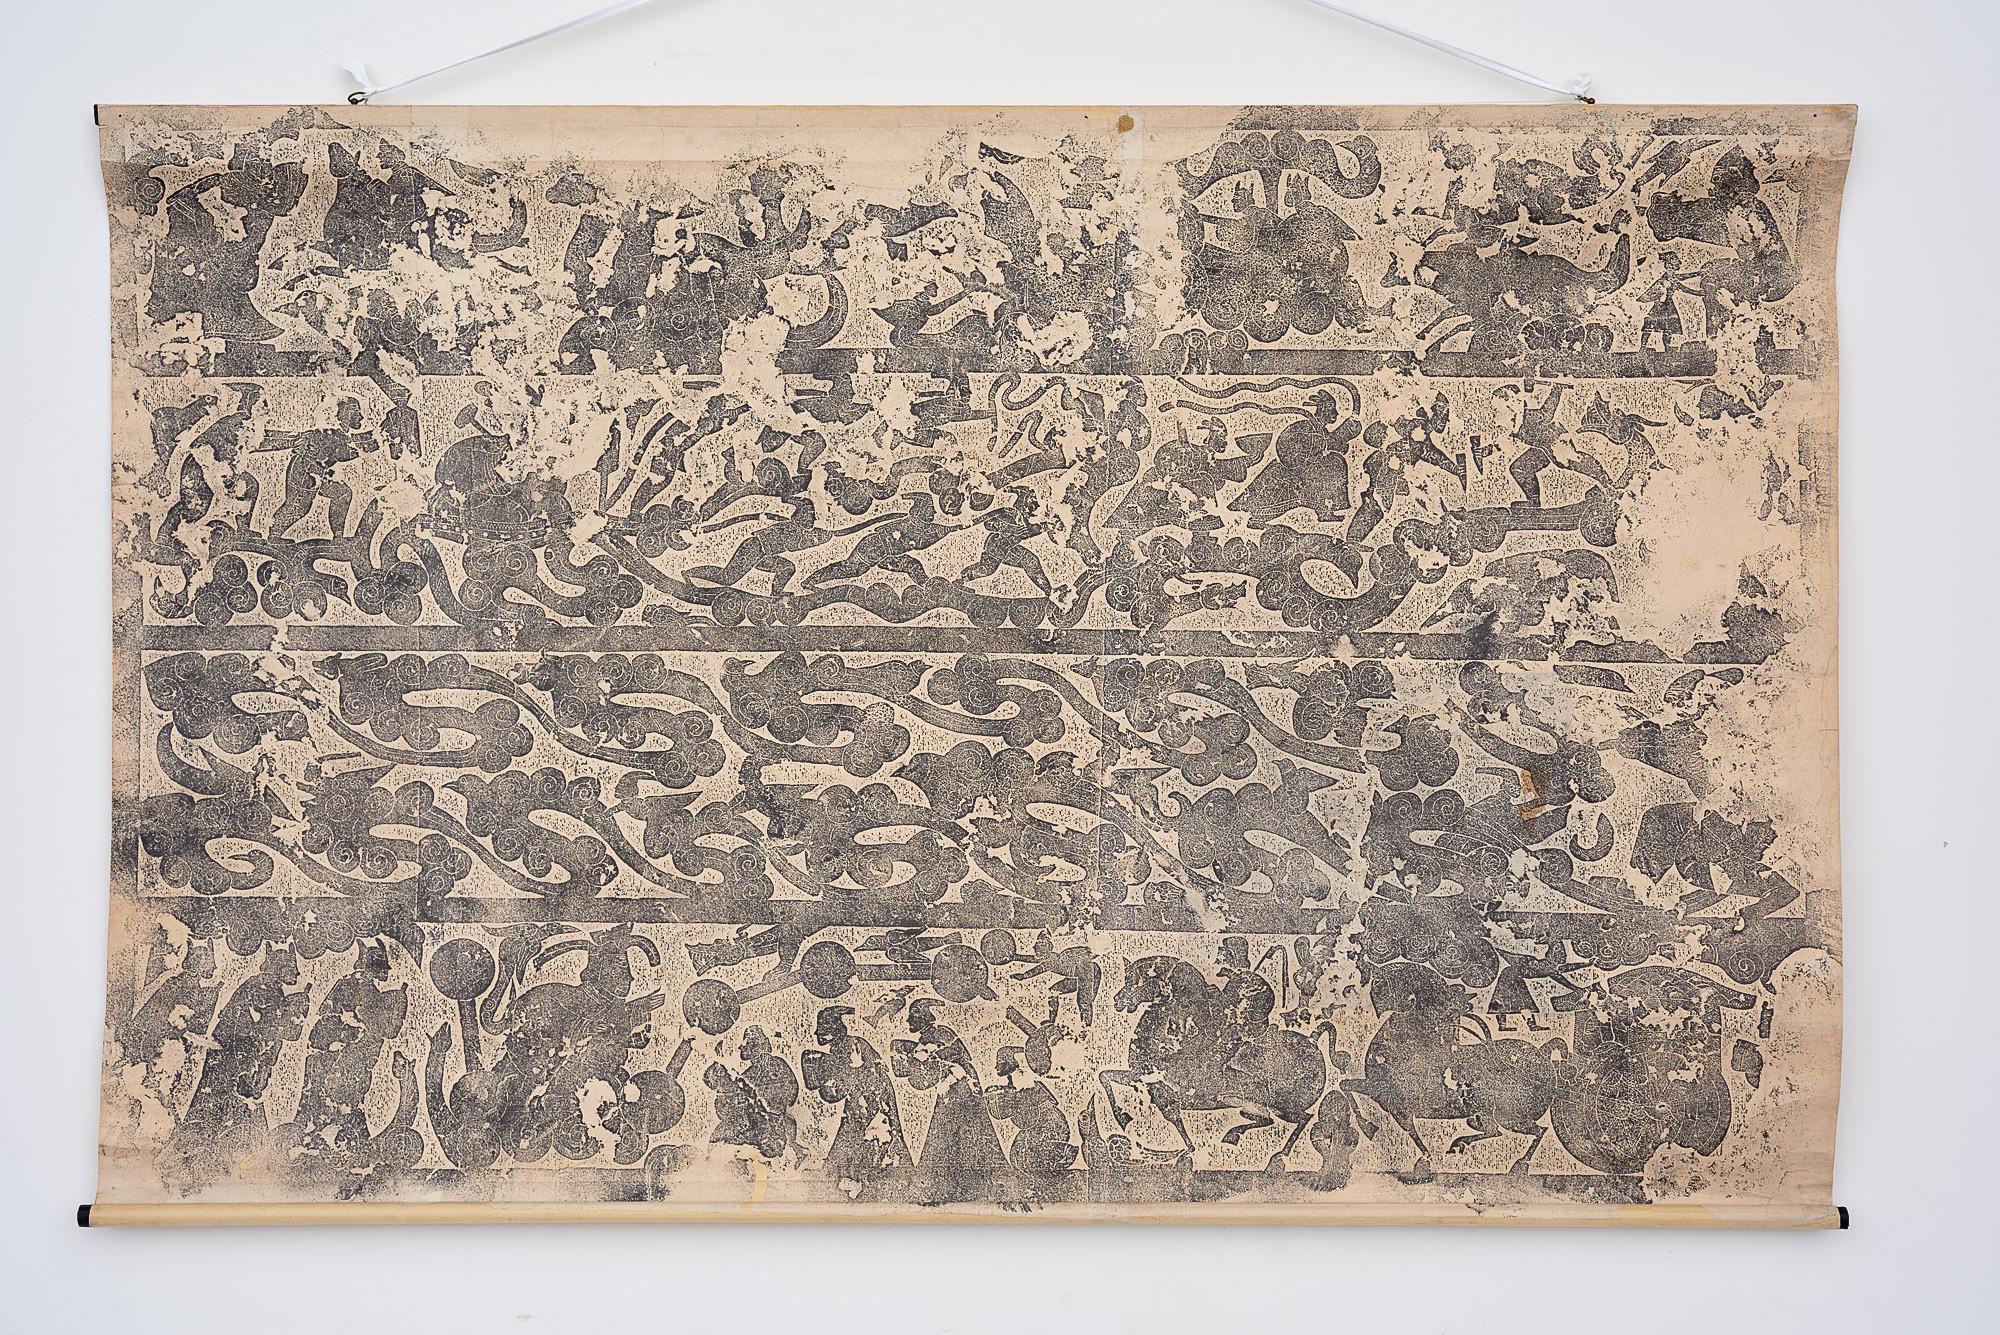 Steinabreibung des Wu-Liang-Schreins